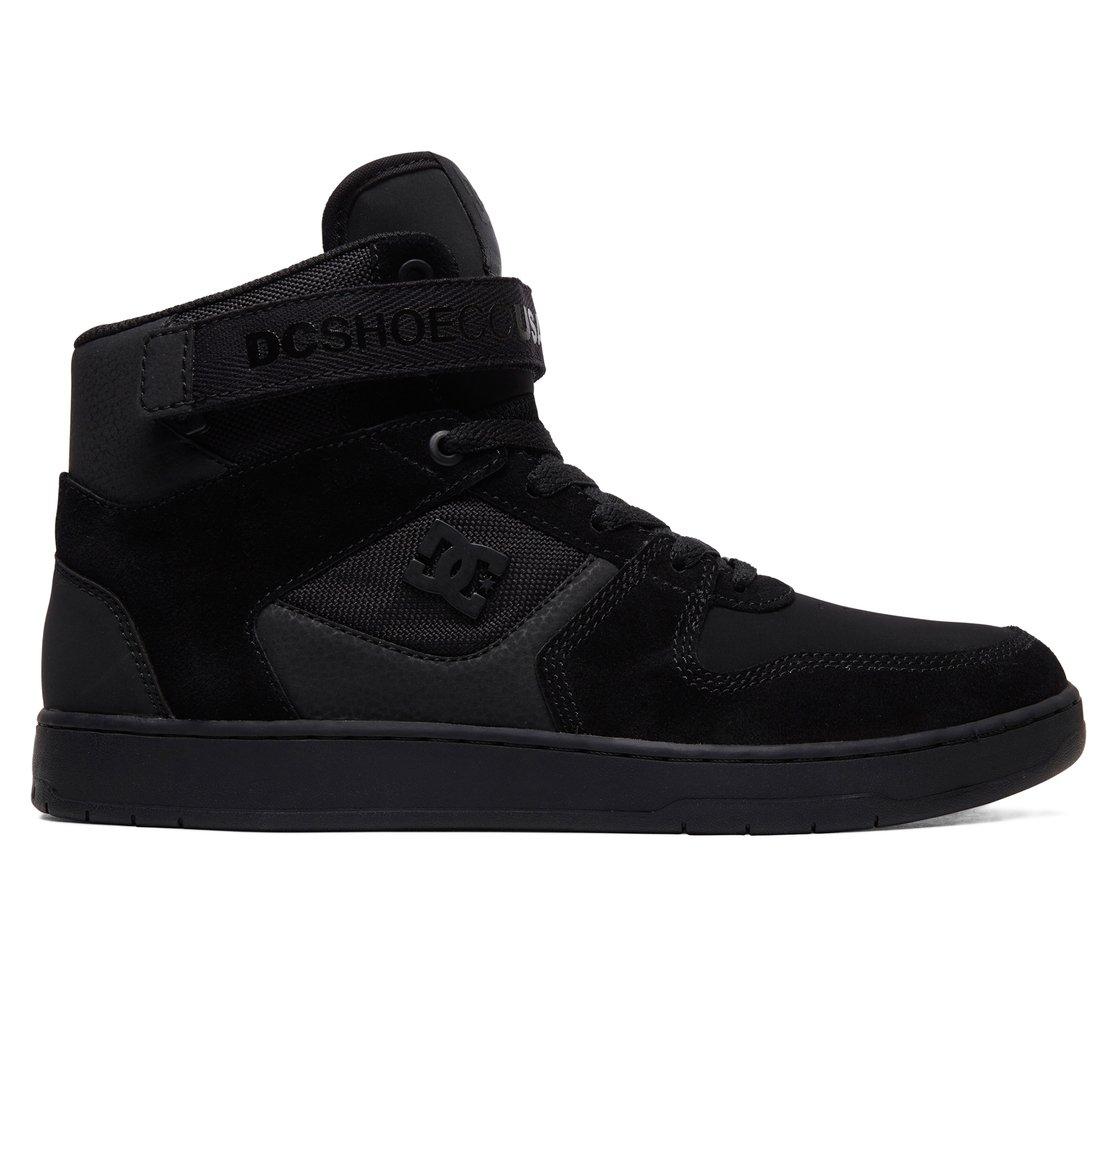 Adys400038 Heren Dc Shoes Schoenen Hoge Pensford Voor Black 0 wYIFqBvxC